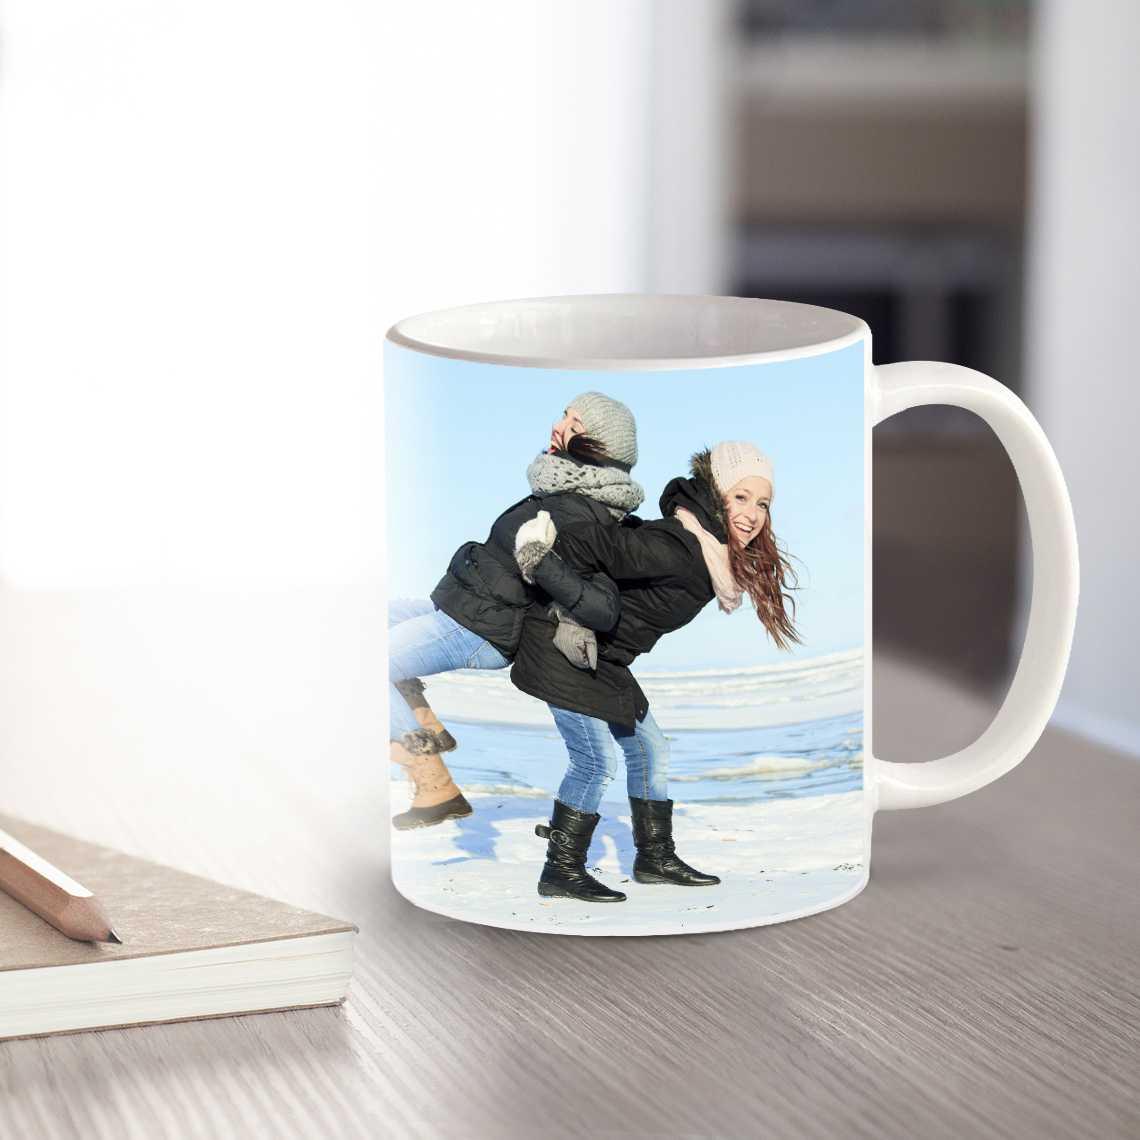 11oz plain white photo mug for £3.50 @ Truprint w/code